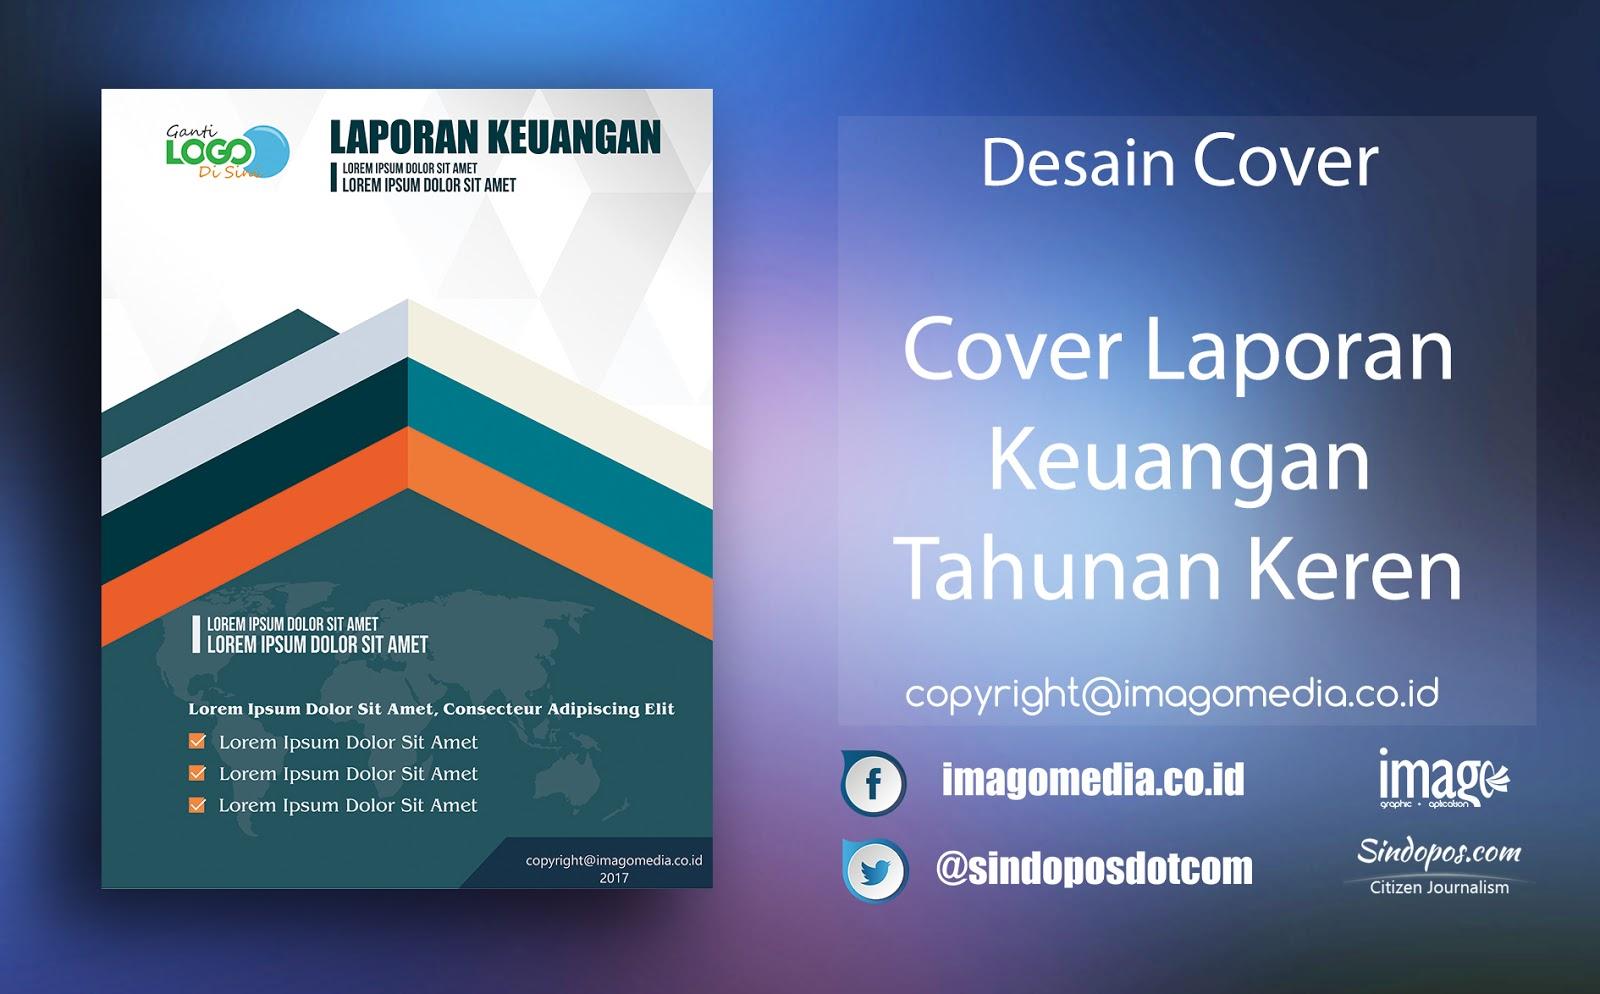 Download Template Desain Cover Laporan Keuangan Premium 2019 Imago Media Home Of Creativity